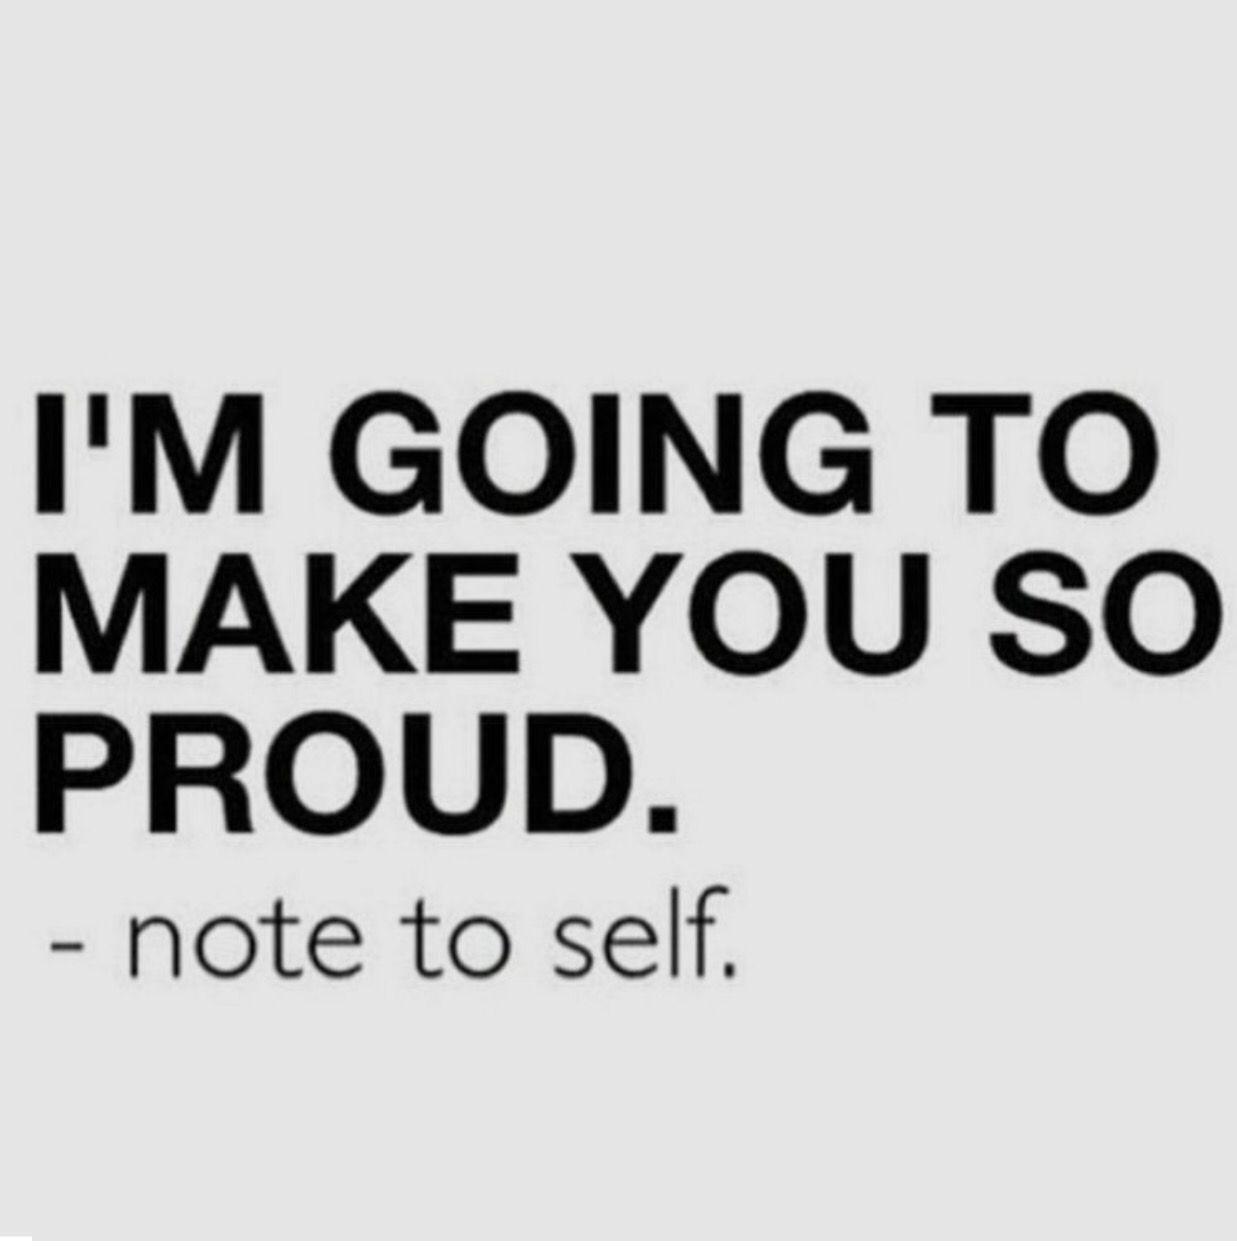 Att göra sig själv stolt